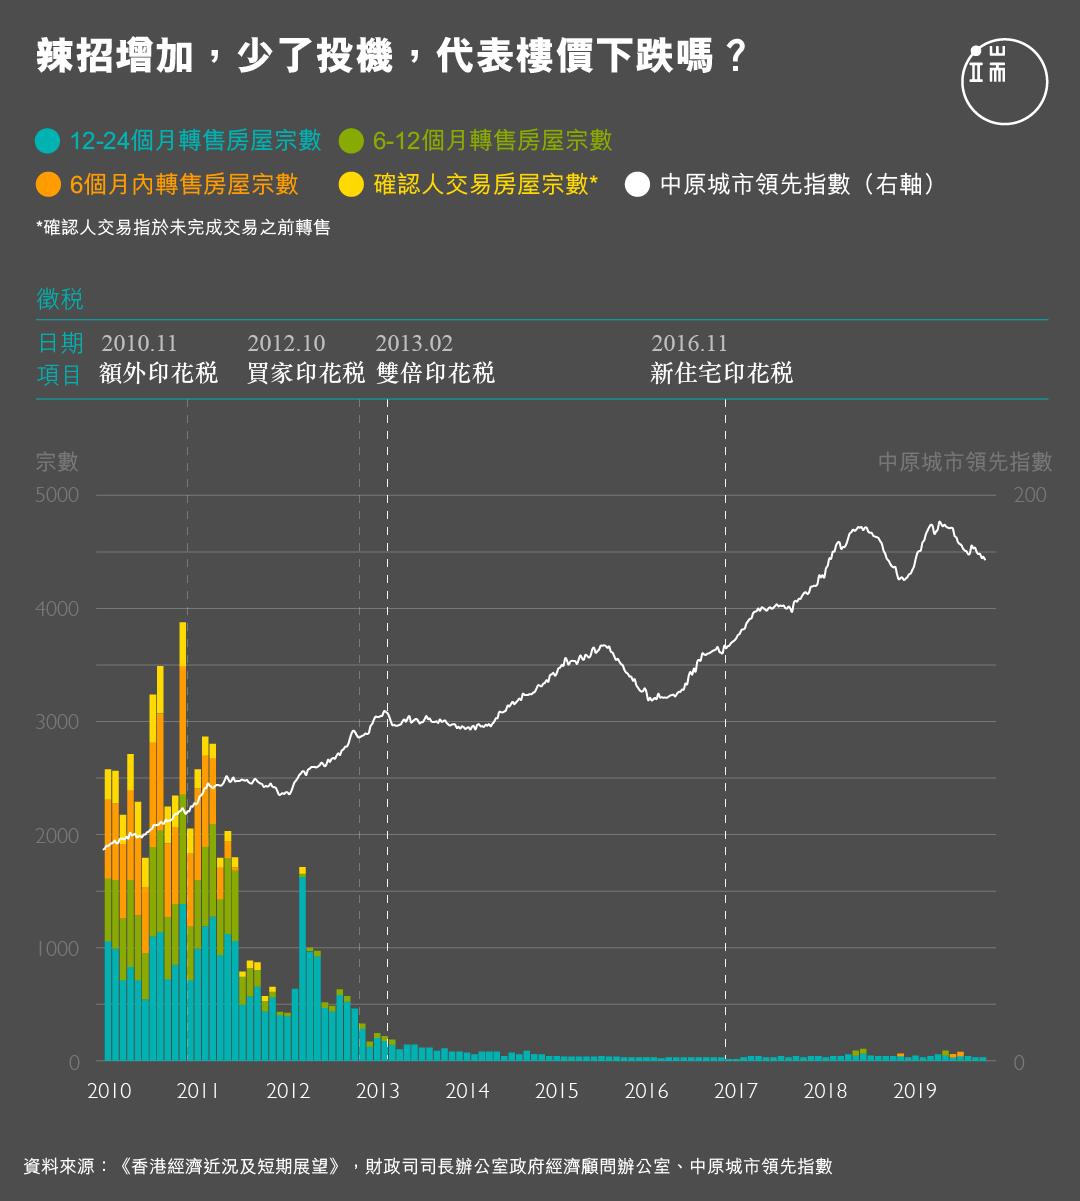 辣招增加,少了投機,代表樓價下跌嗎?